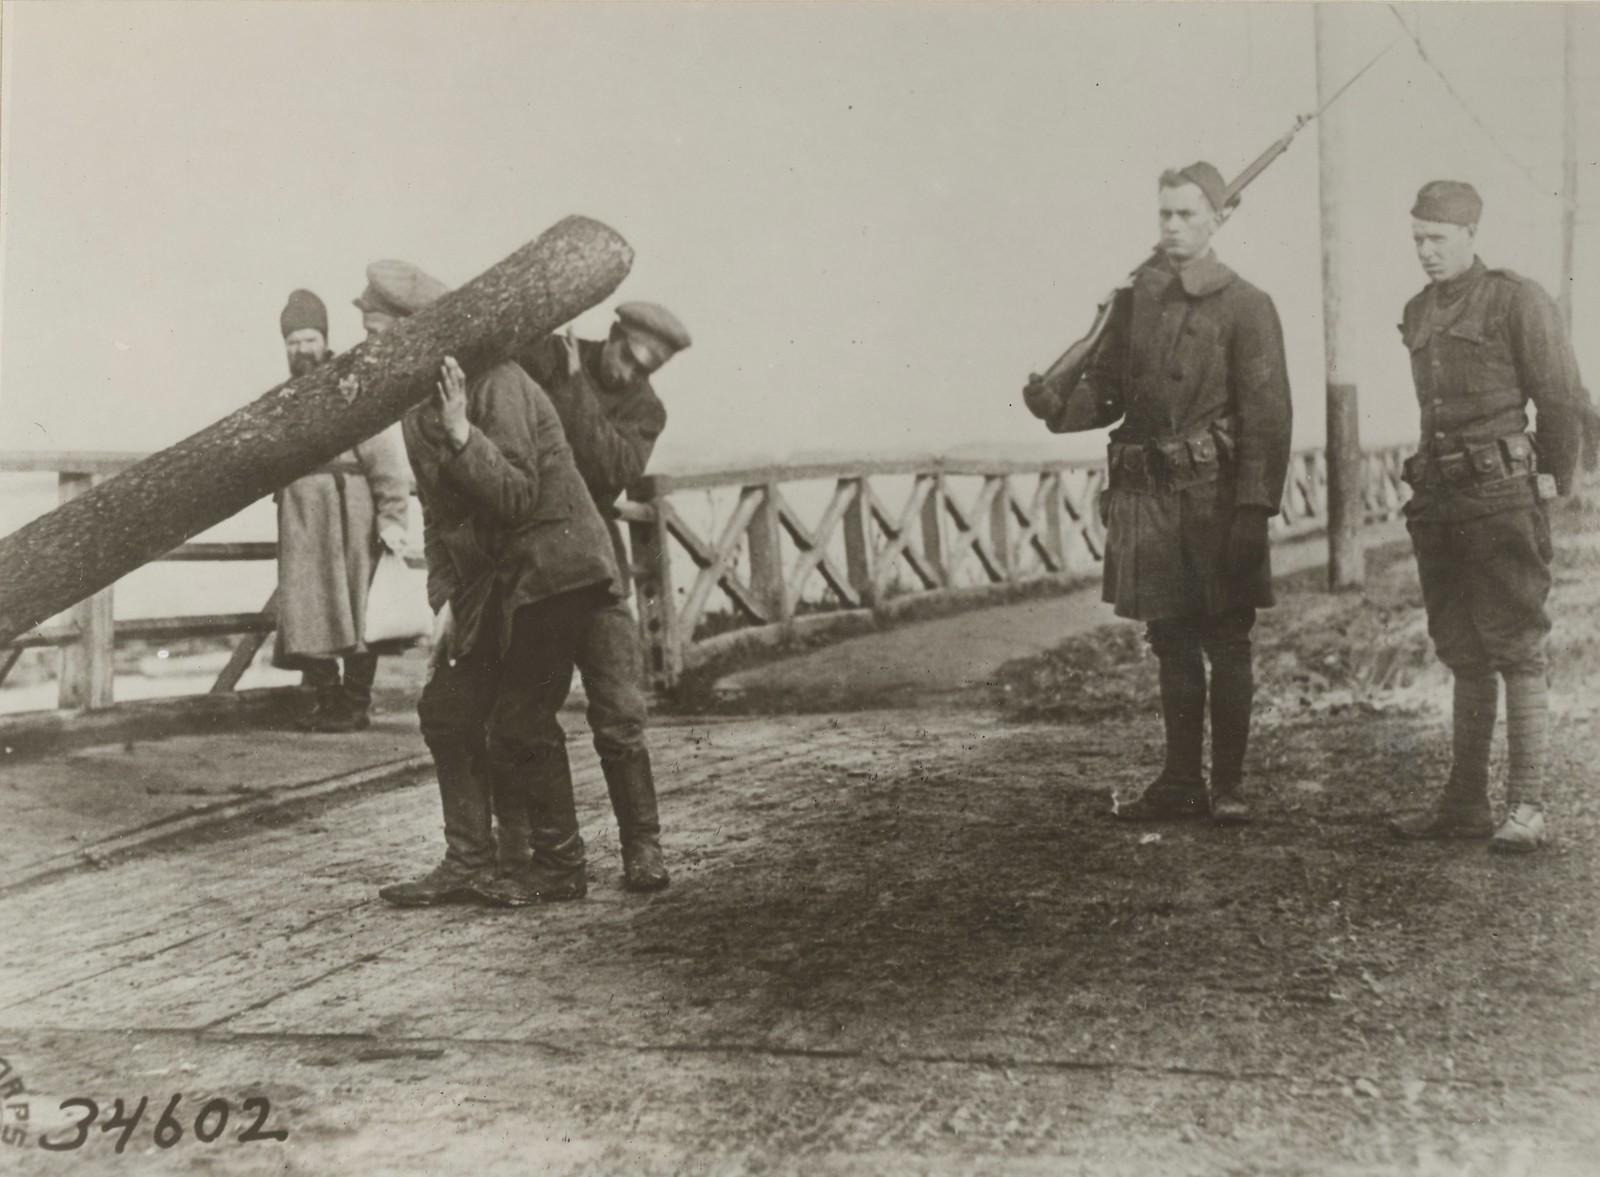 Архангельск. Пленные большевики берут большое бревно, чтобы резать топливо для больницы Красного Креста